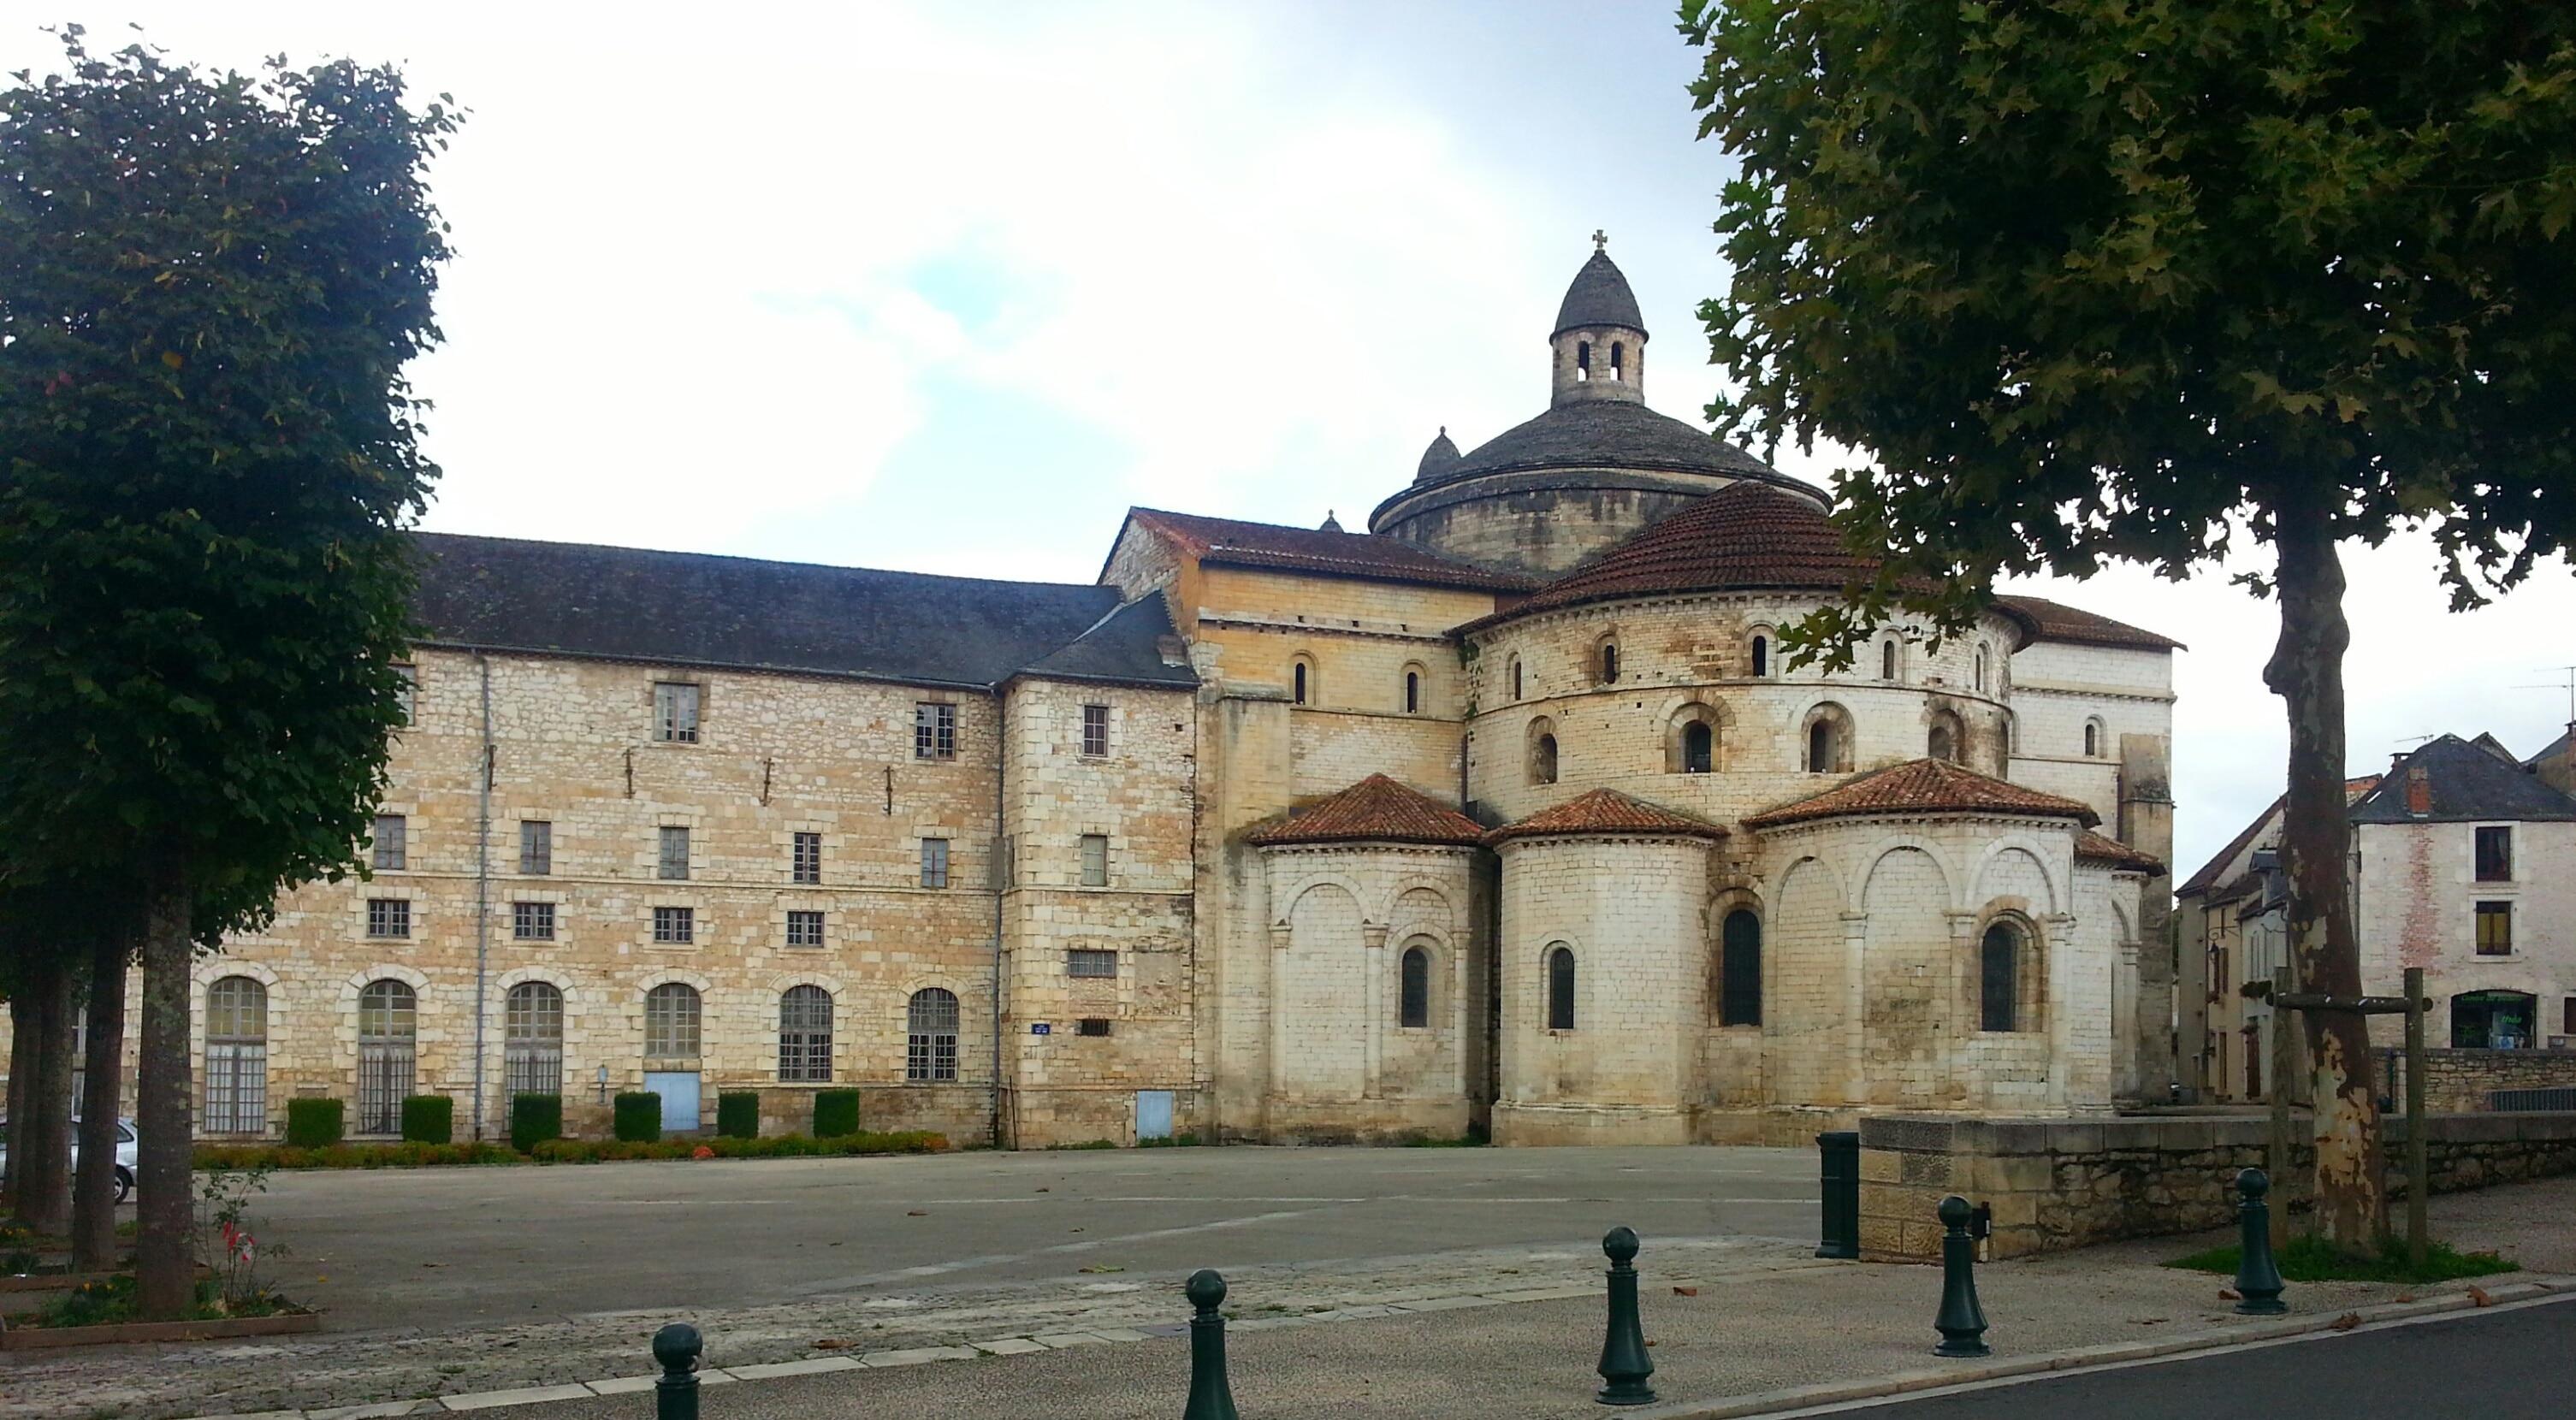 Souillac, Lot, France